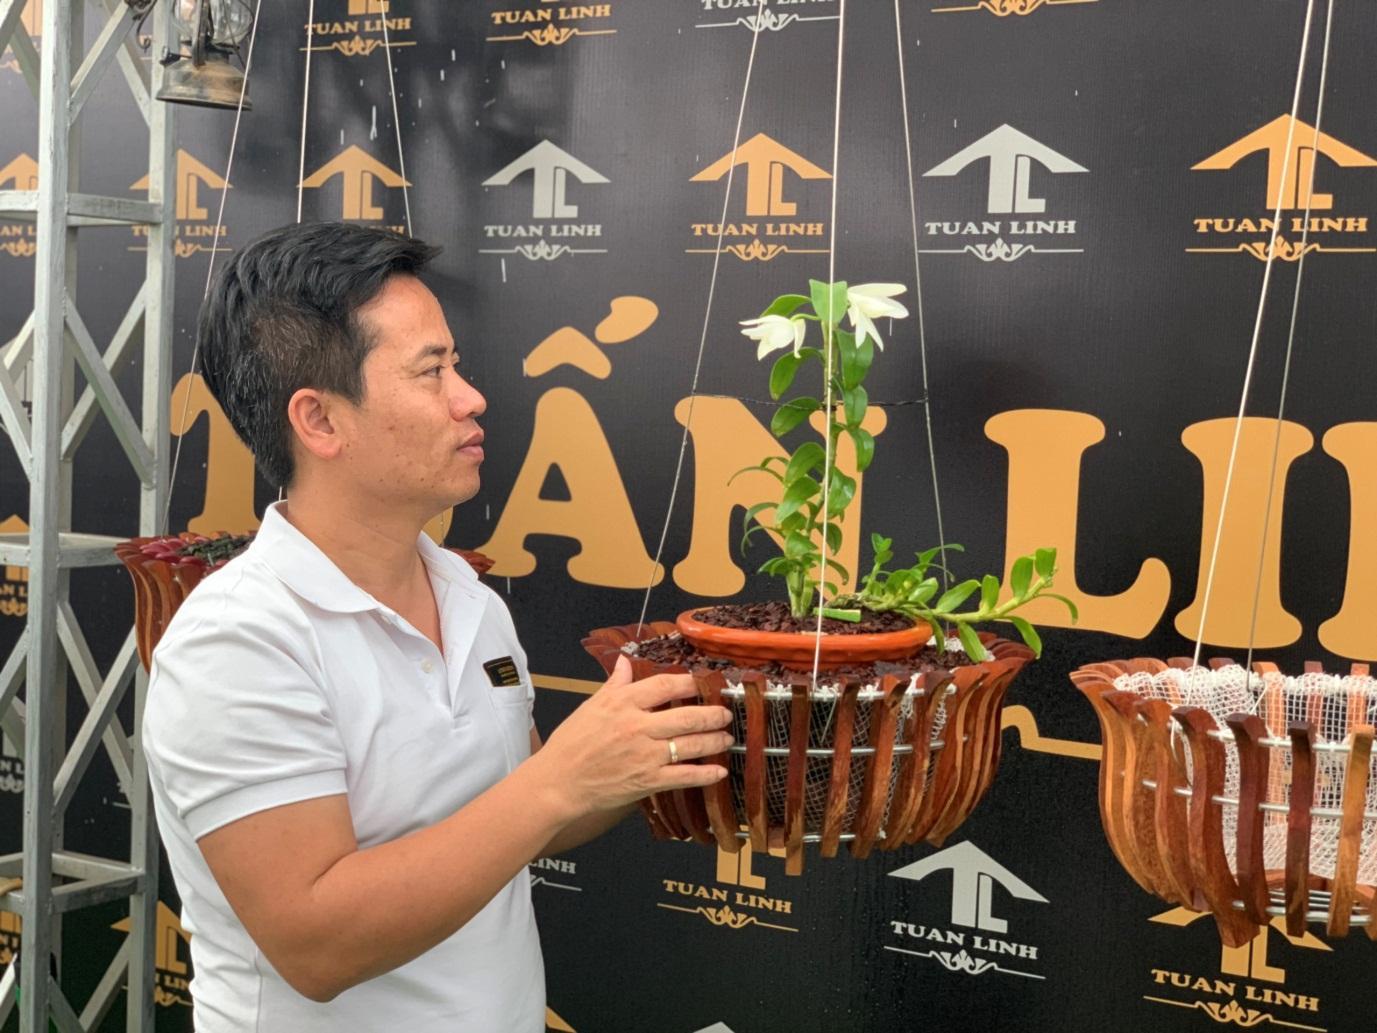 Bí quyết thành công của ông chủ vườn lan Tuan Linh - Ảnh 3